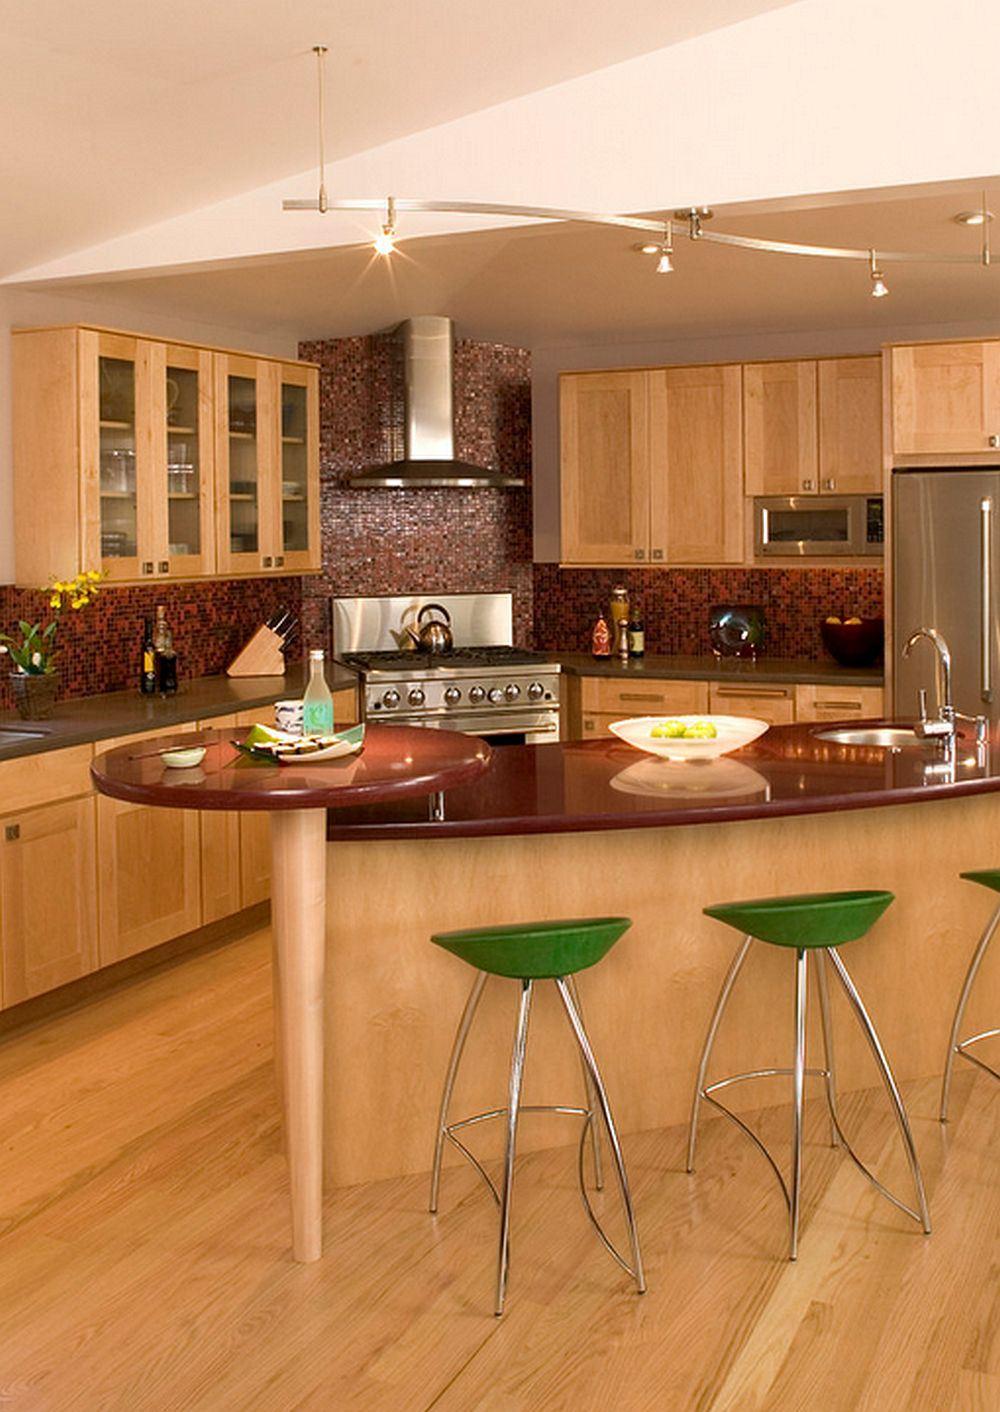 Стильные барные стулья зелёного цвета в интерьере кухни из светлого дерева от Julie Williams